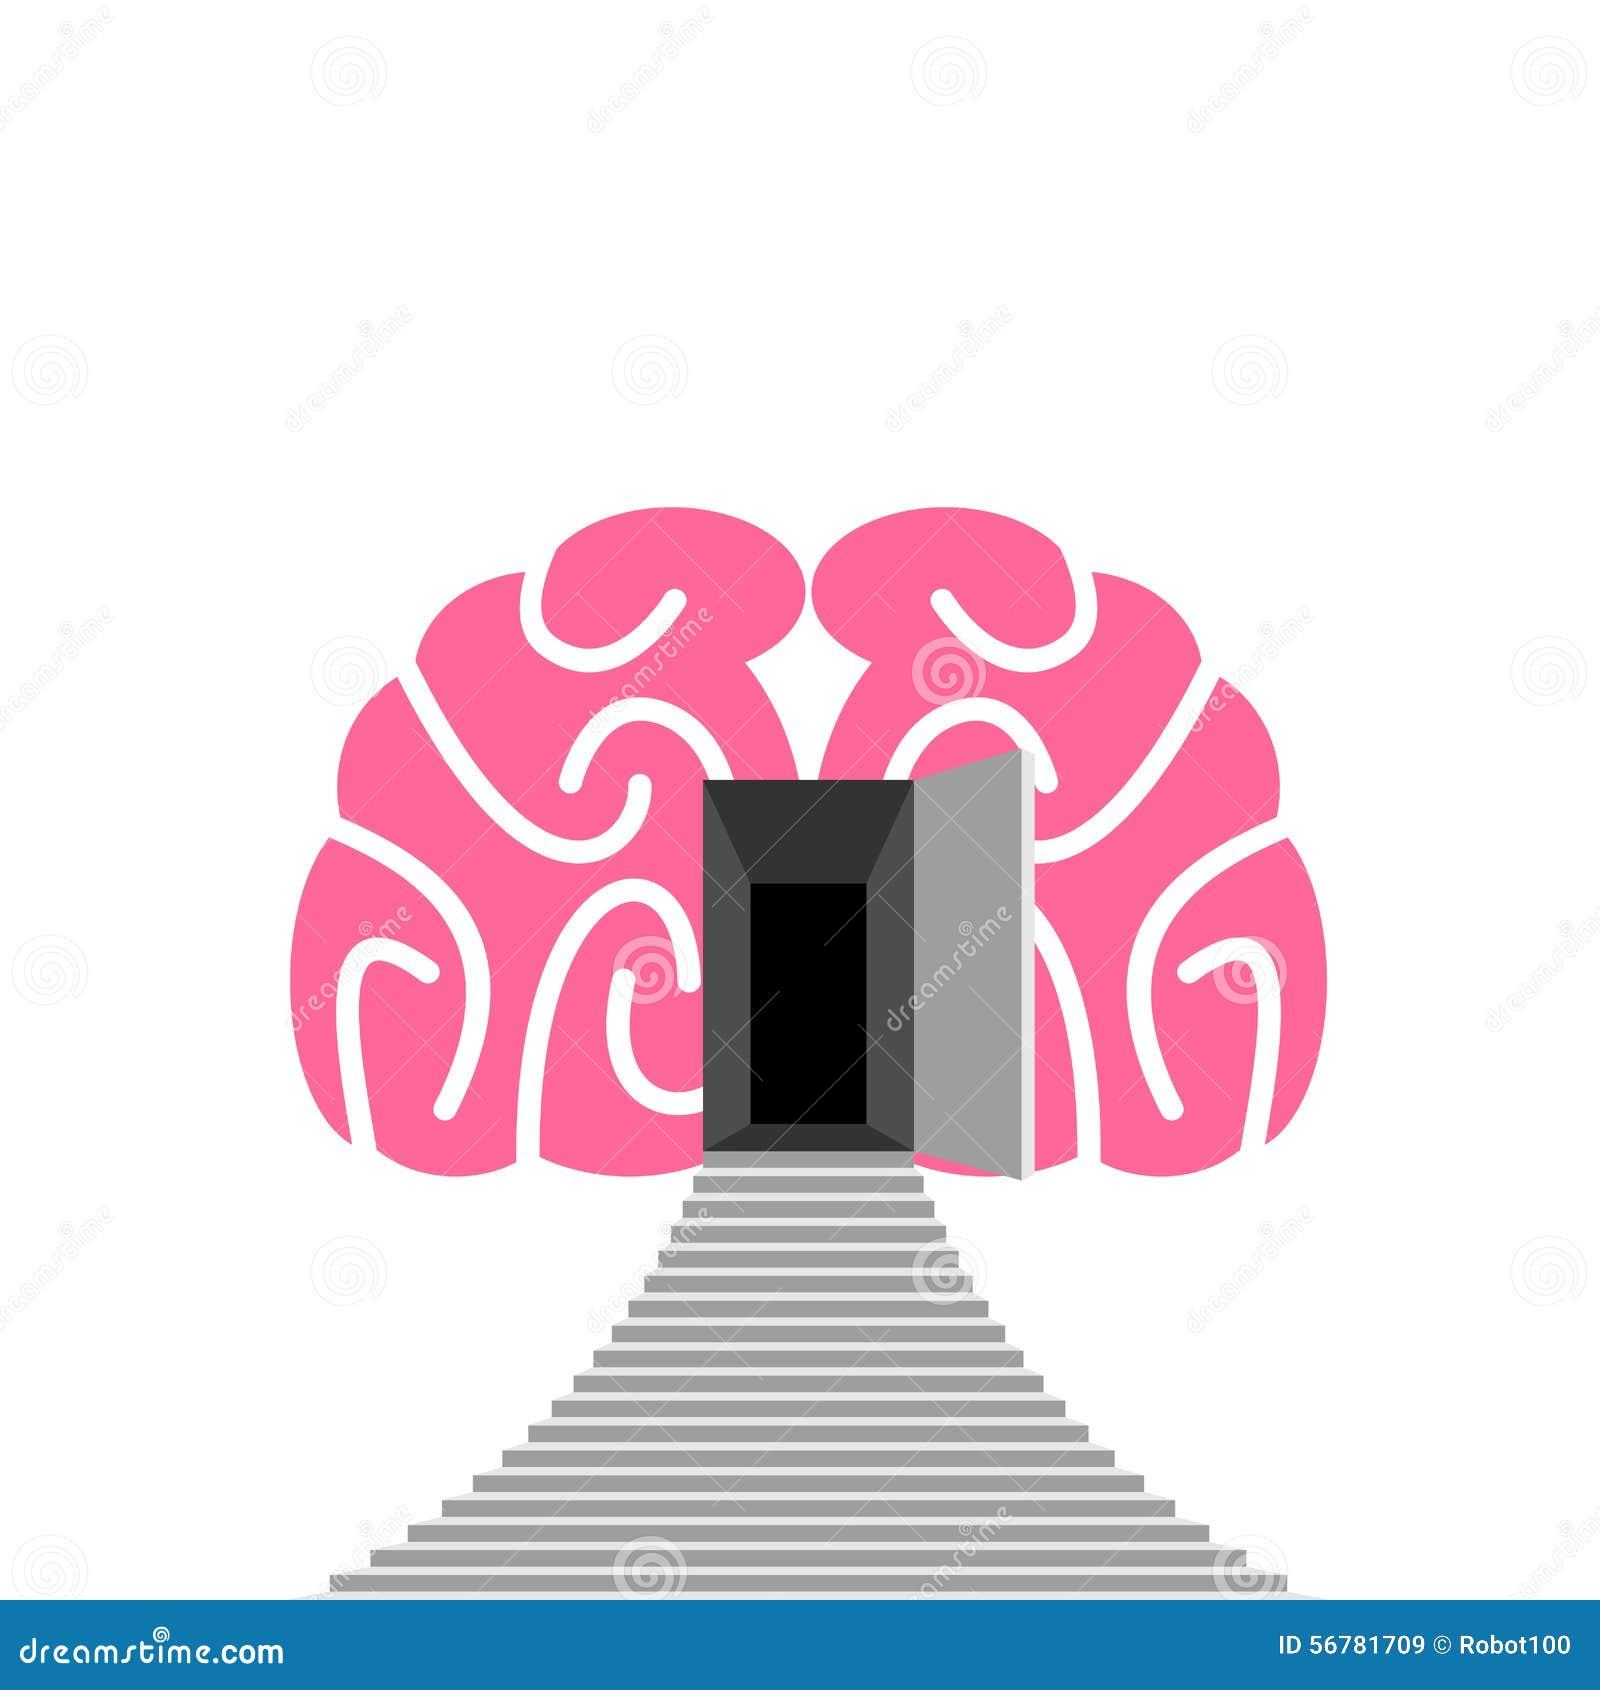 Ανοιχτή πόρτα και βήμα του ανθρώπινου εγκεφάλου Είσοδος σε υποσυνείδητο